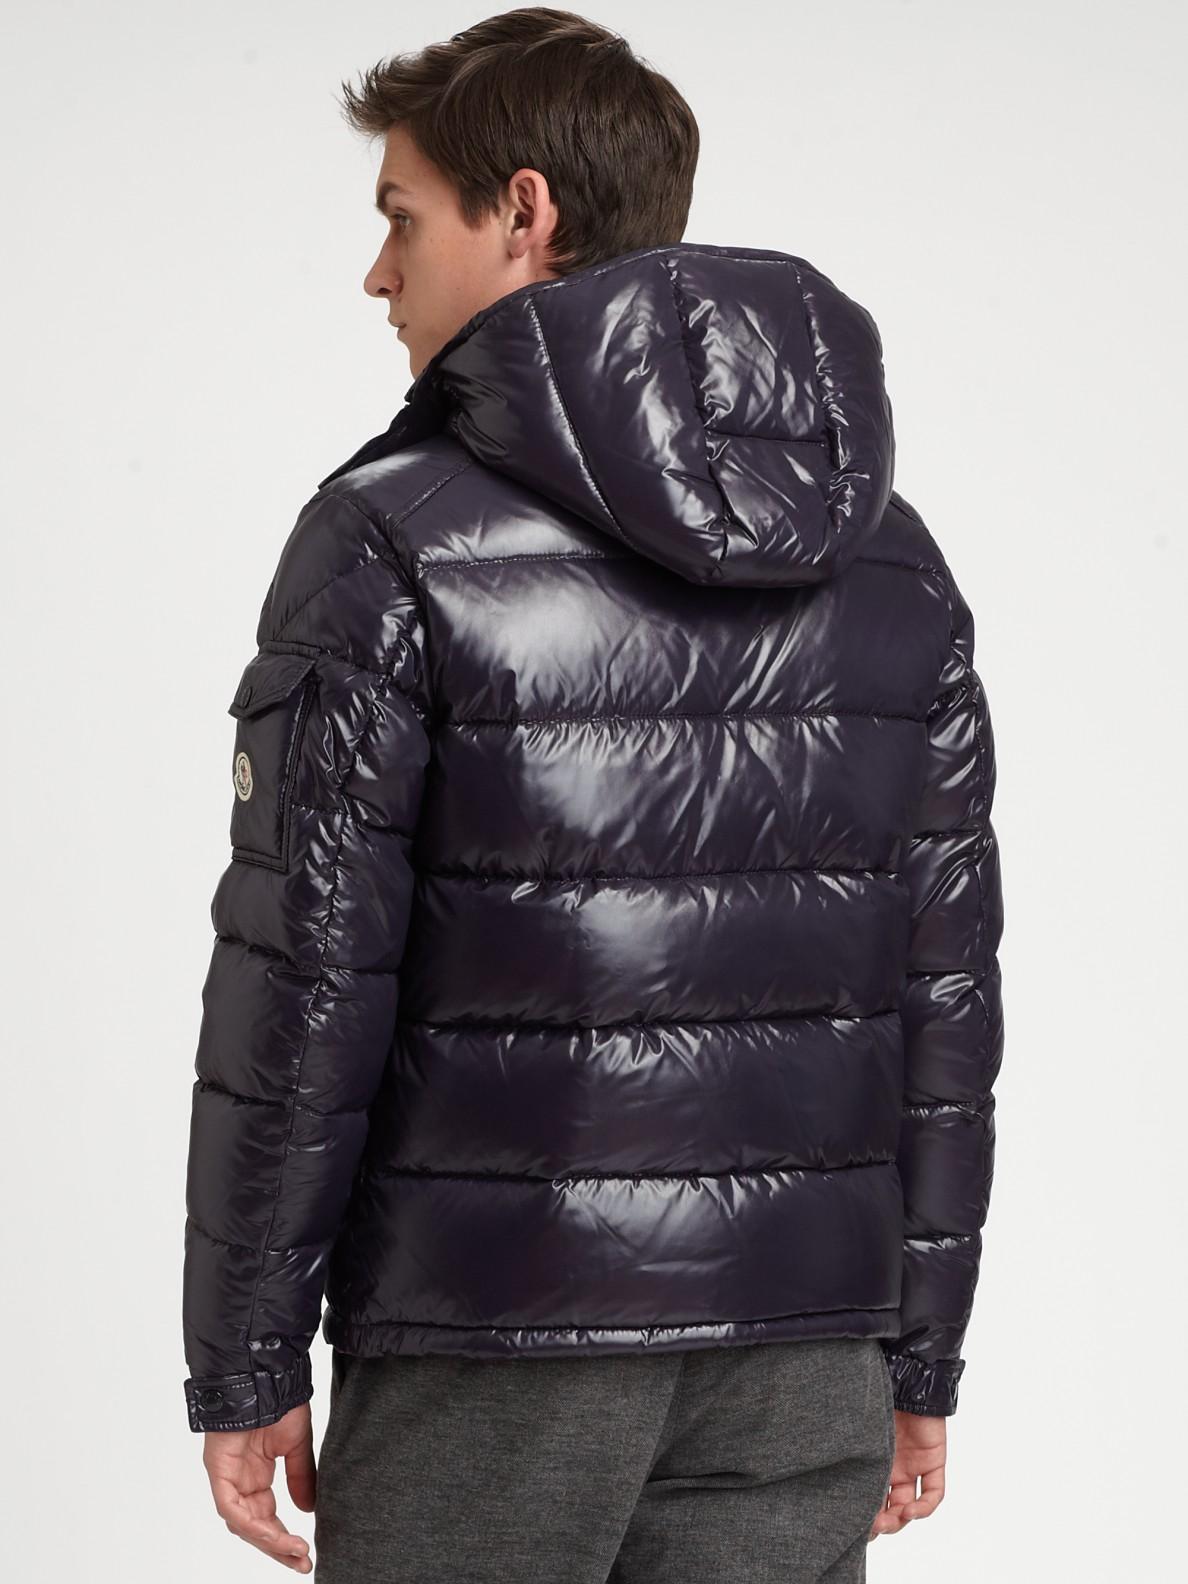 3fde3ac1e Moncler Blue Nylon Maya Jacket esw-ecommerce.co.uk